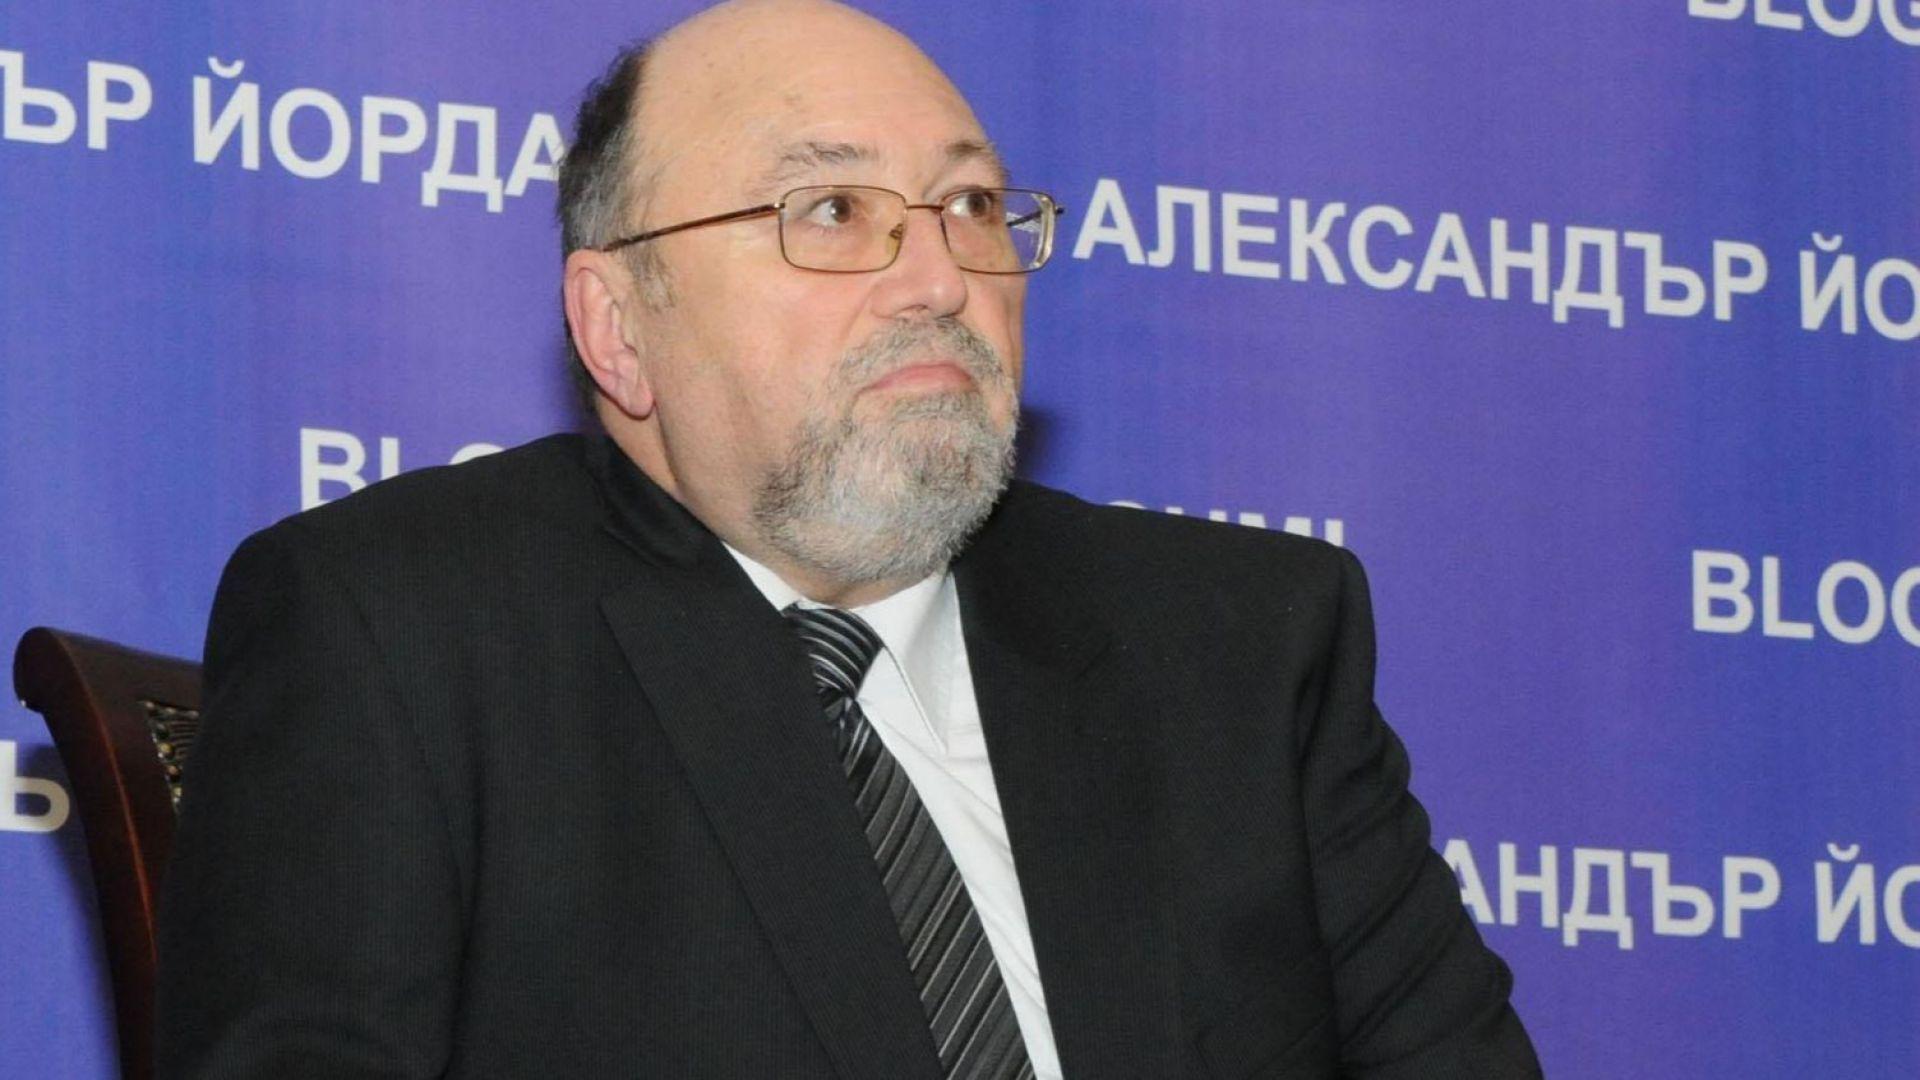 Александър Йорданов: Парадоксално е ние, които отворихме очите на народа, да бъдем заменени от антиевропейци